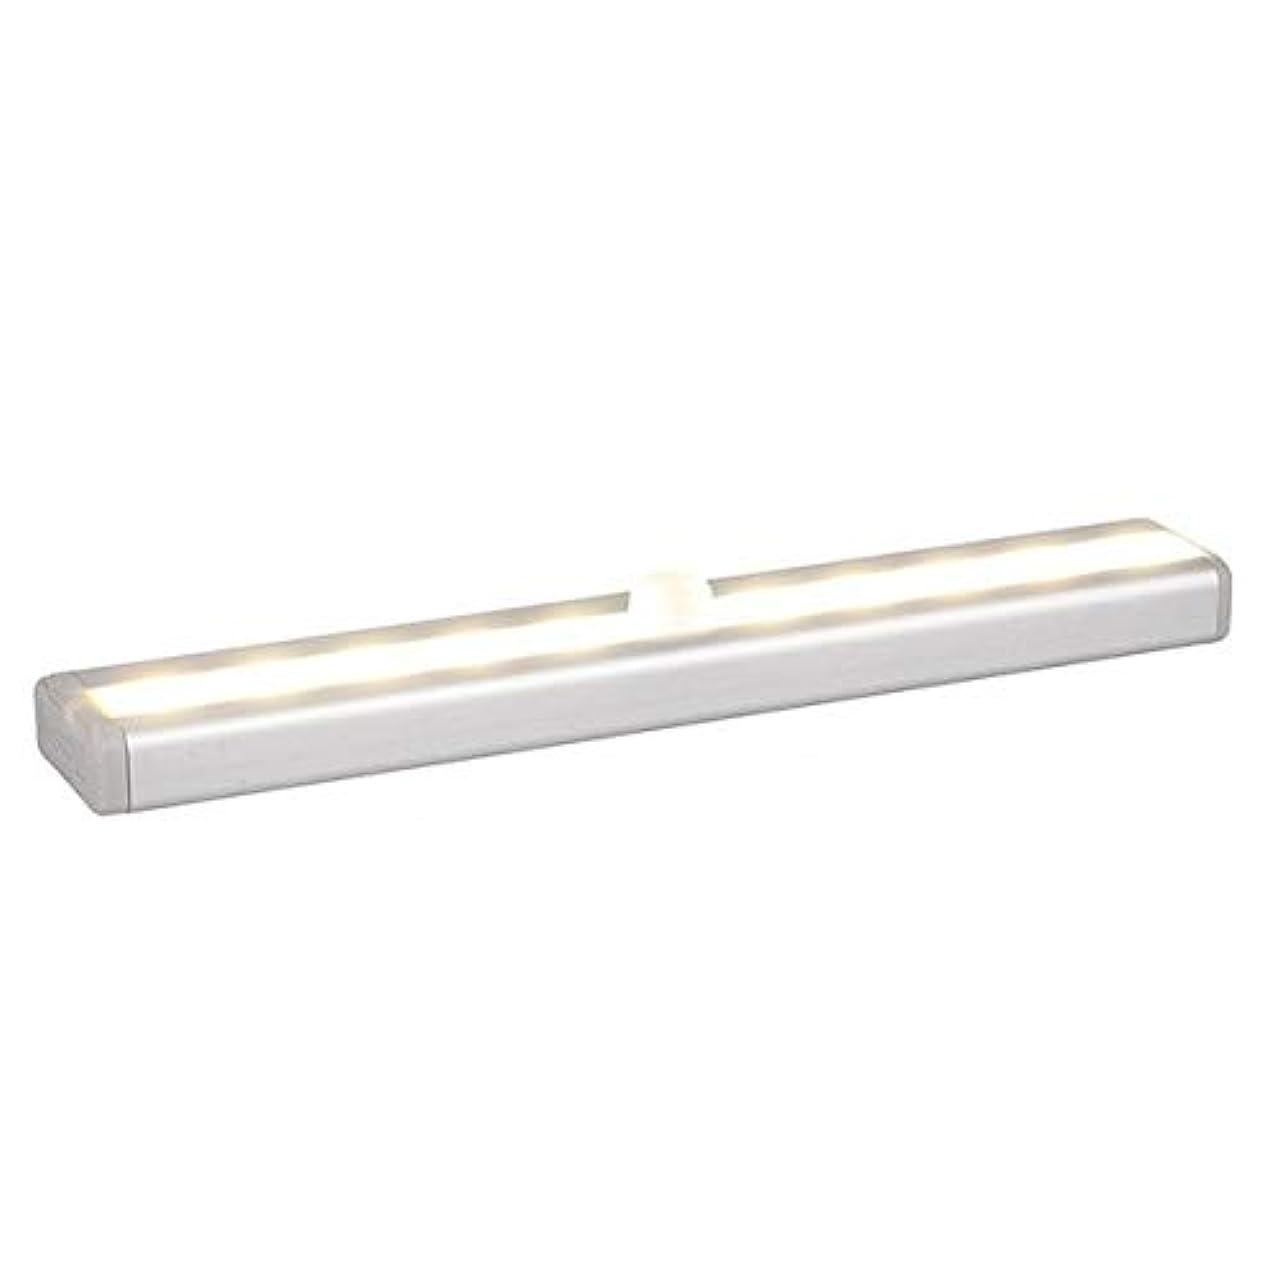 ルネッサンスサドル技術LED ライト 2個セット 人感センサー LED ライト センサーライト LEDライト 自動点滅 明暗センサーライト 屋内 照明 電池式 省エネ 電球色 昼白色 LEDライト